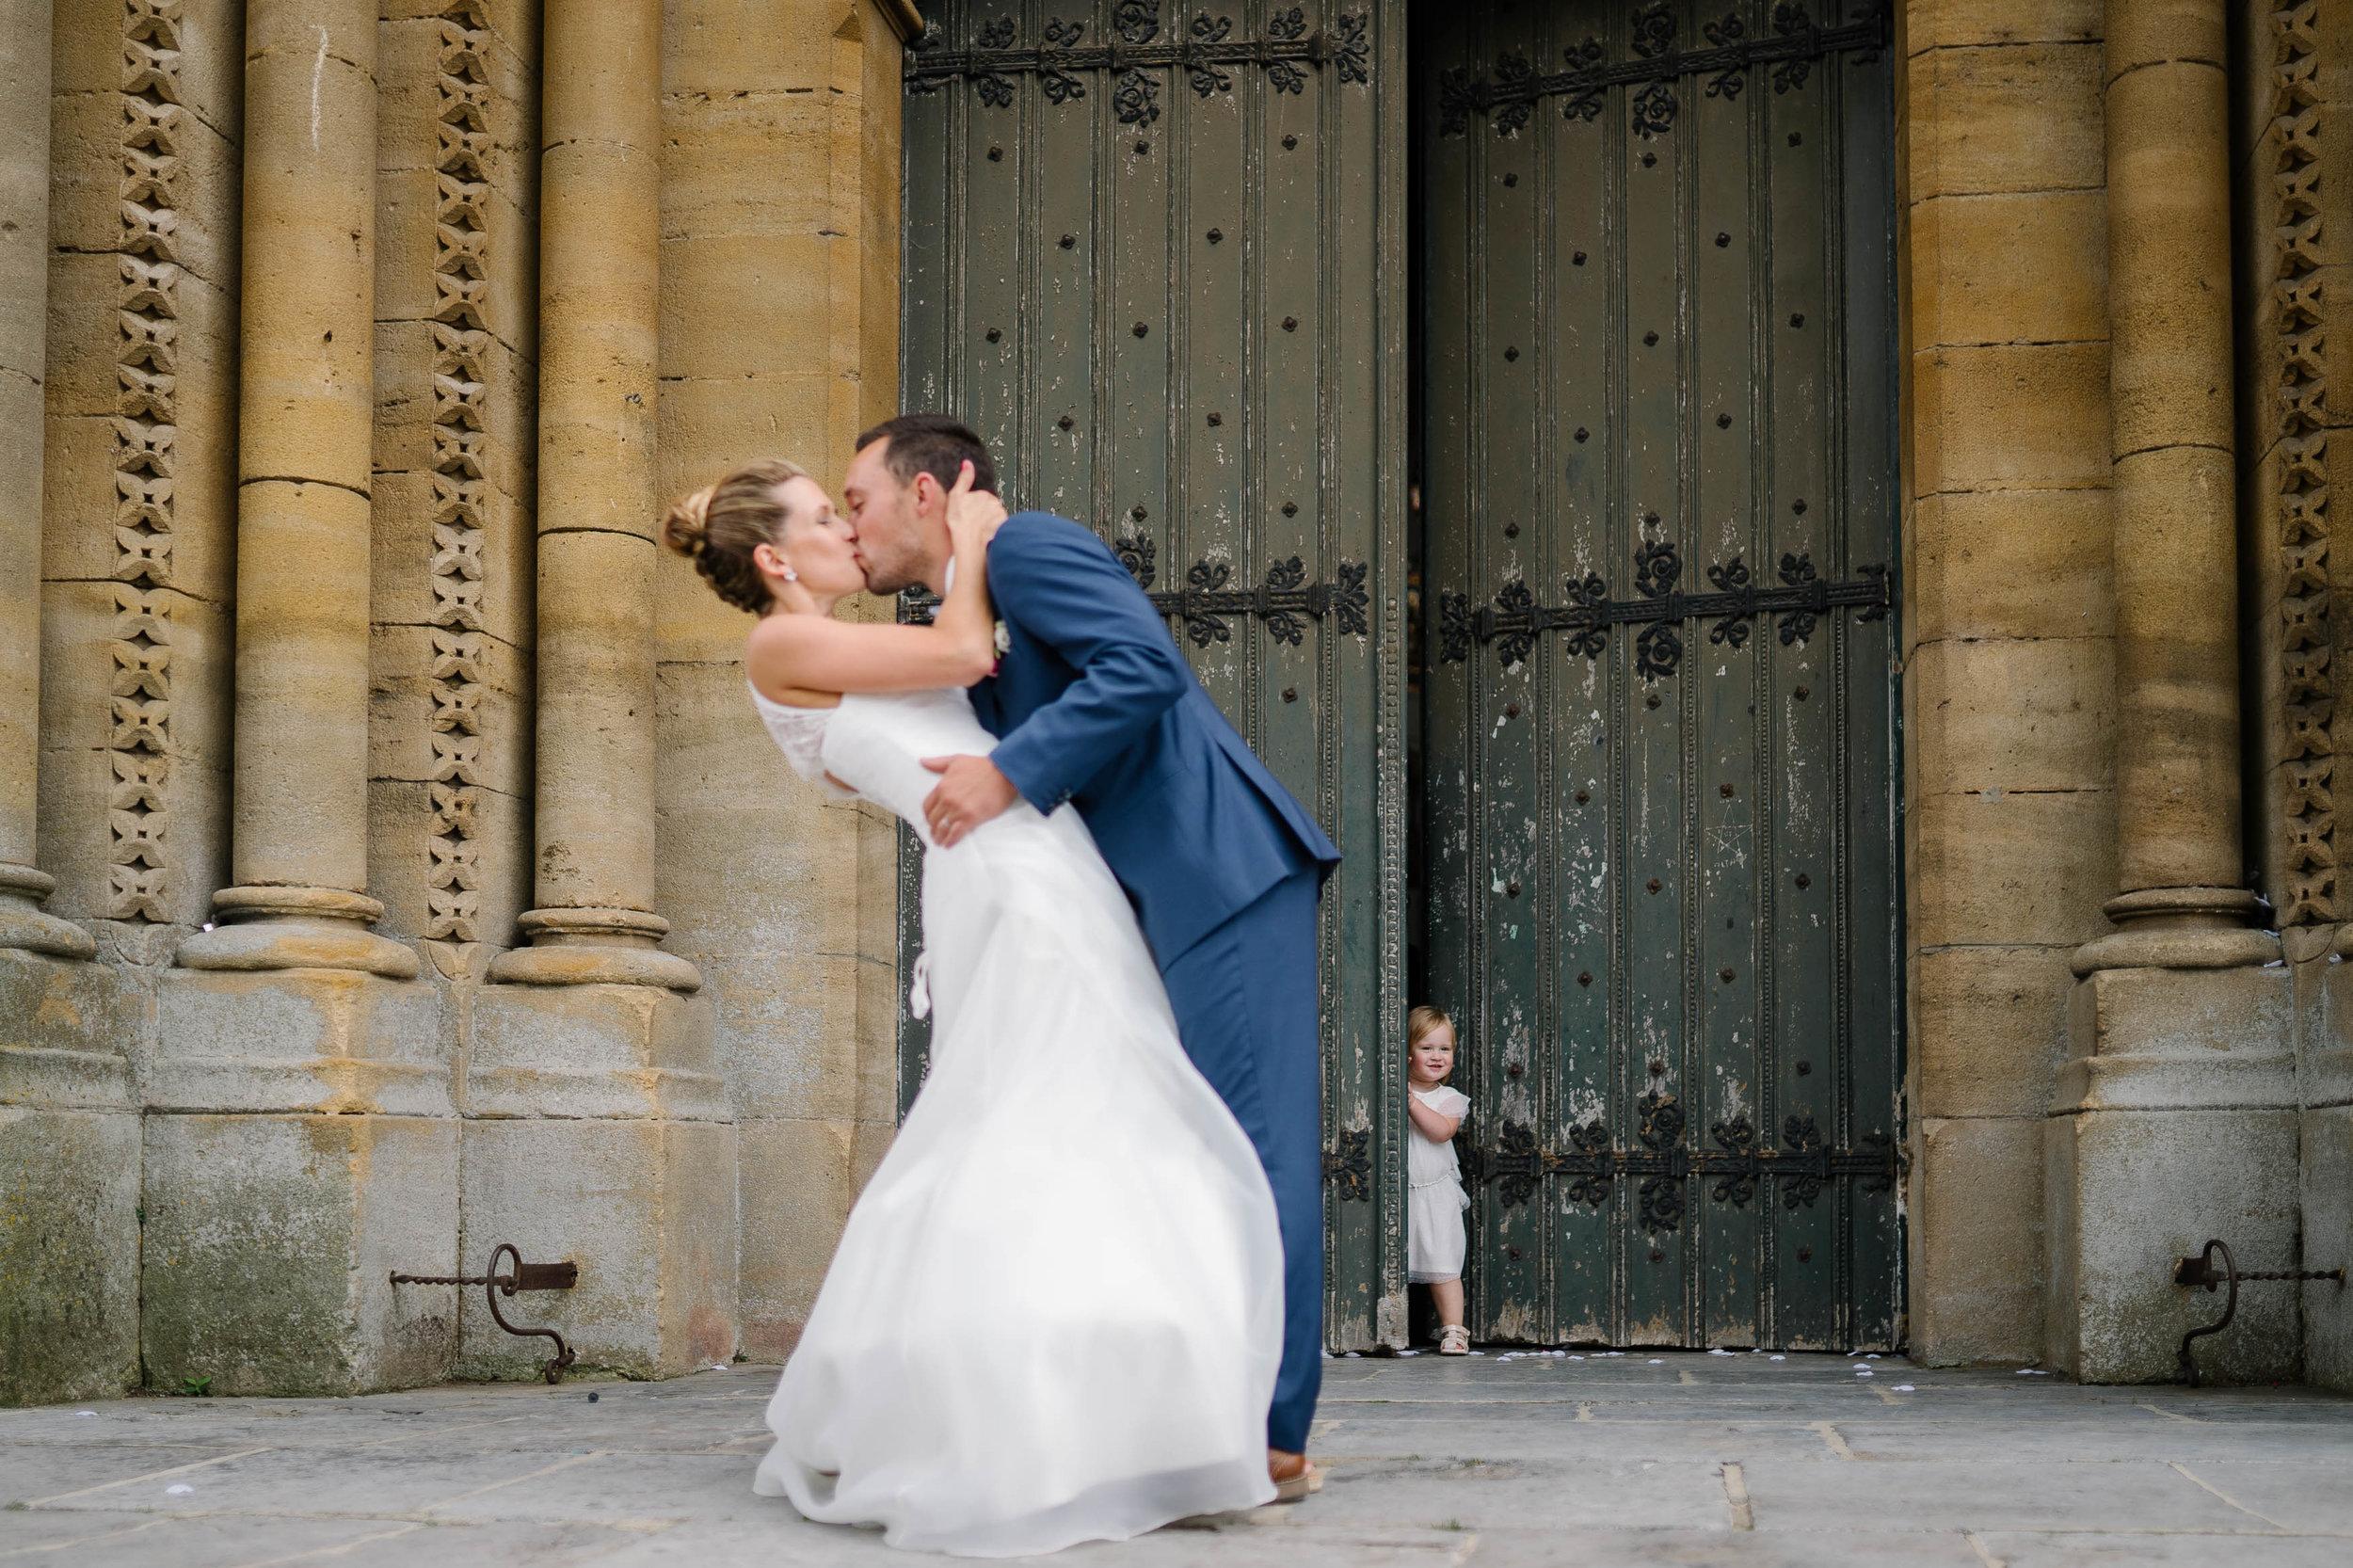 v-photographe-videaste-mariage-bruxelles-leleu-57.jpg